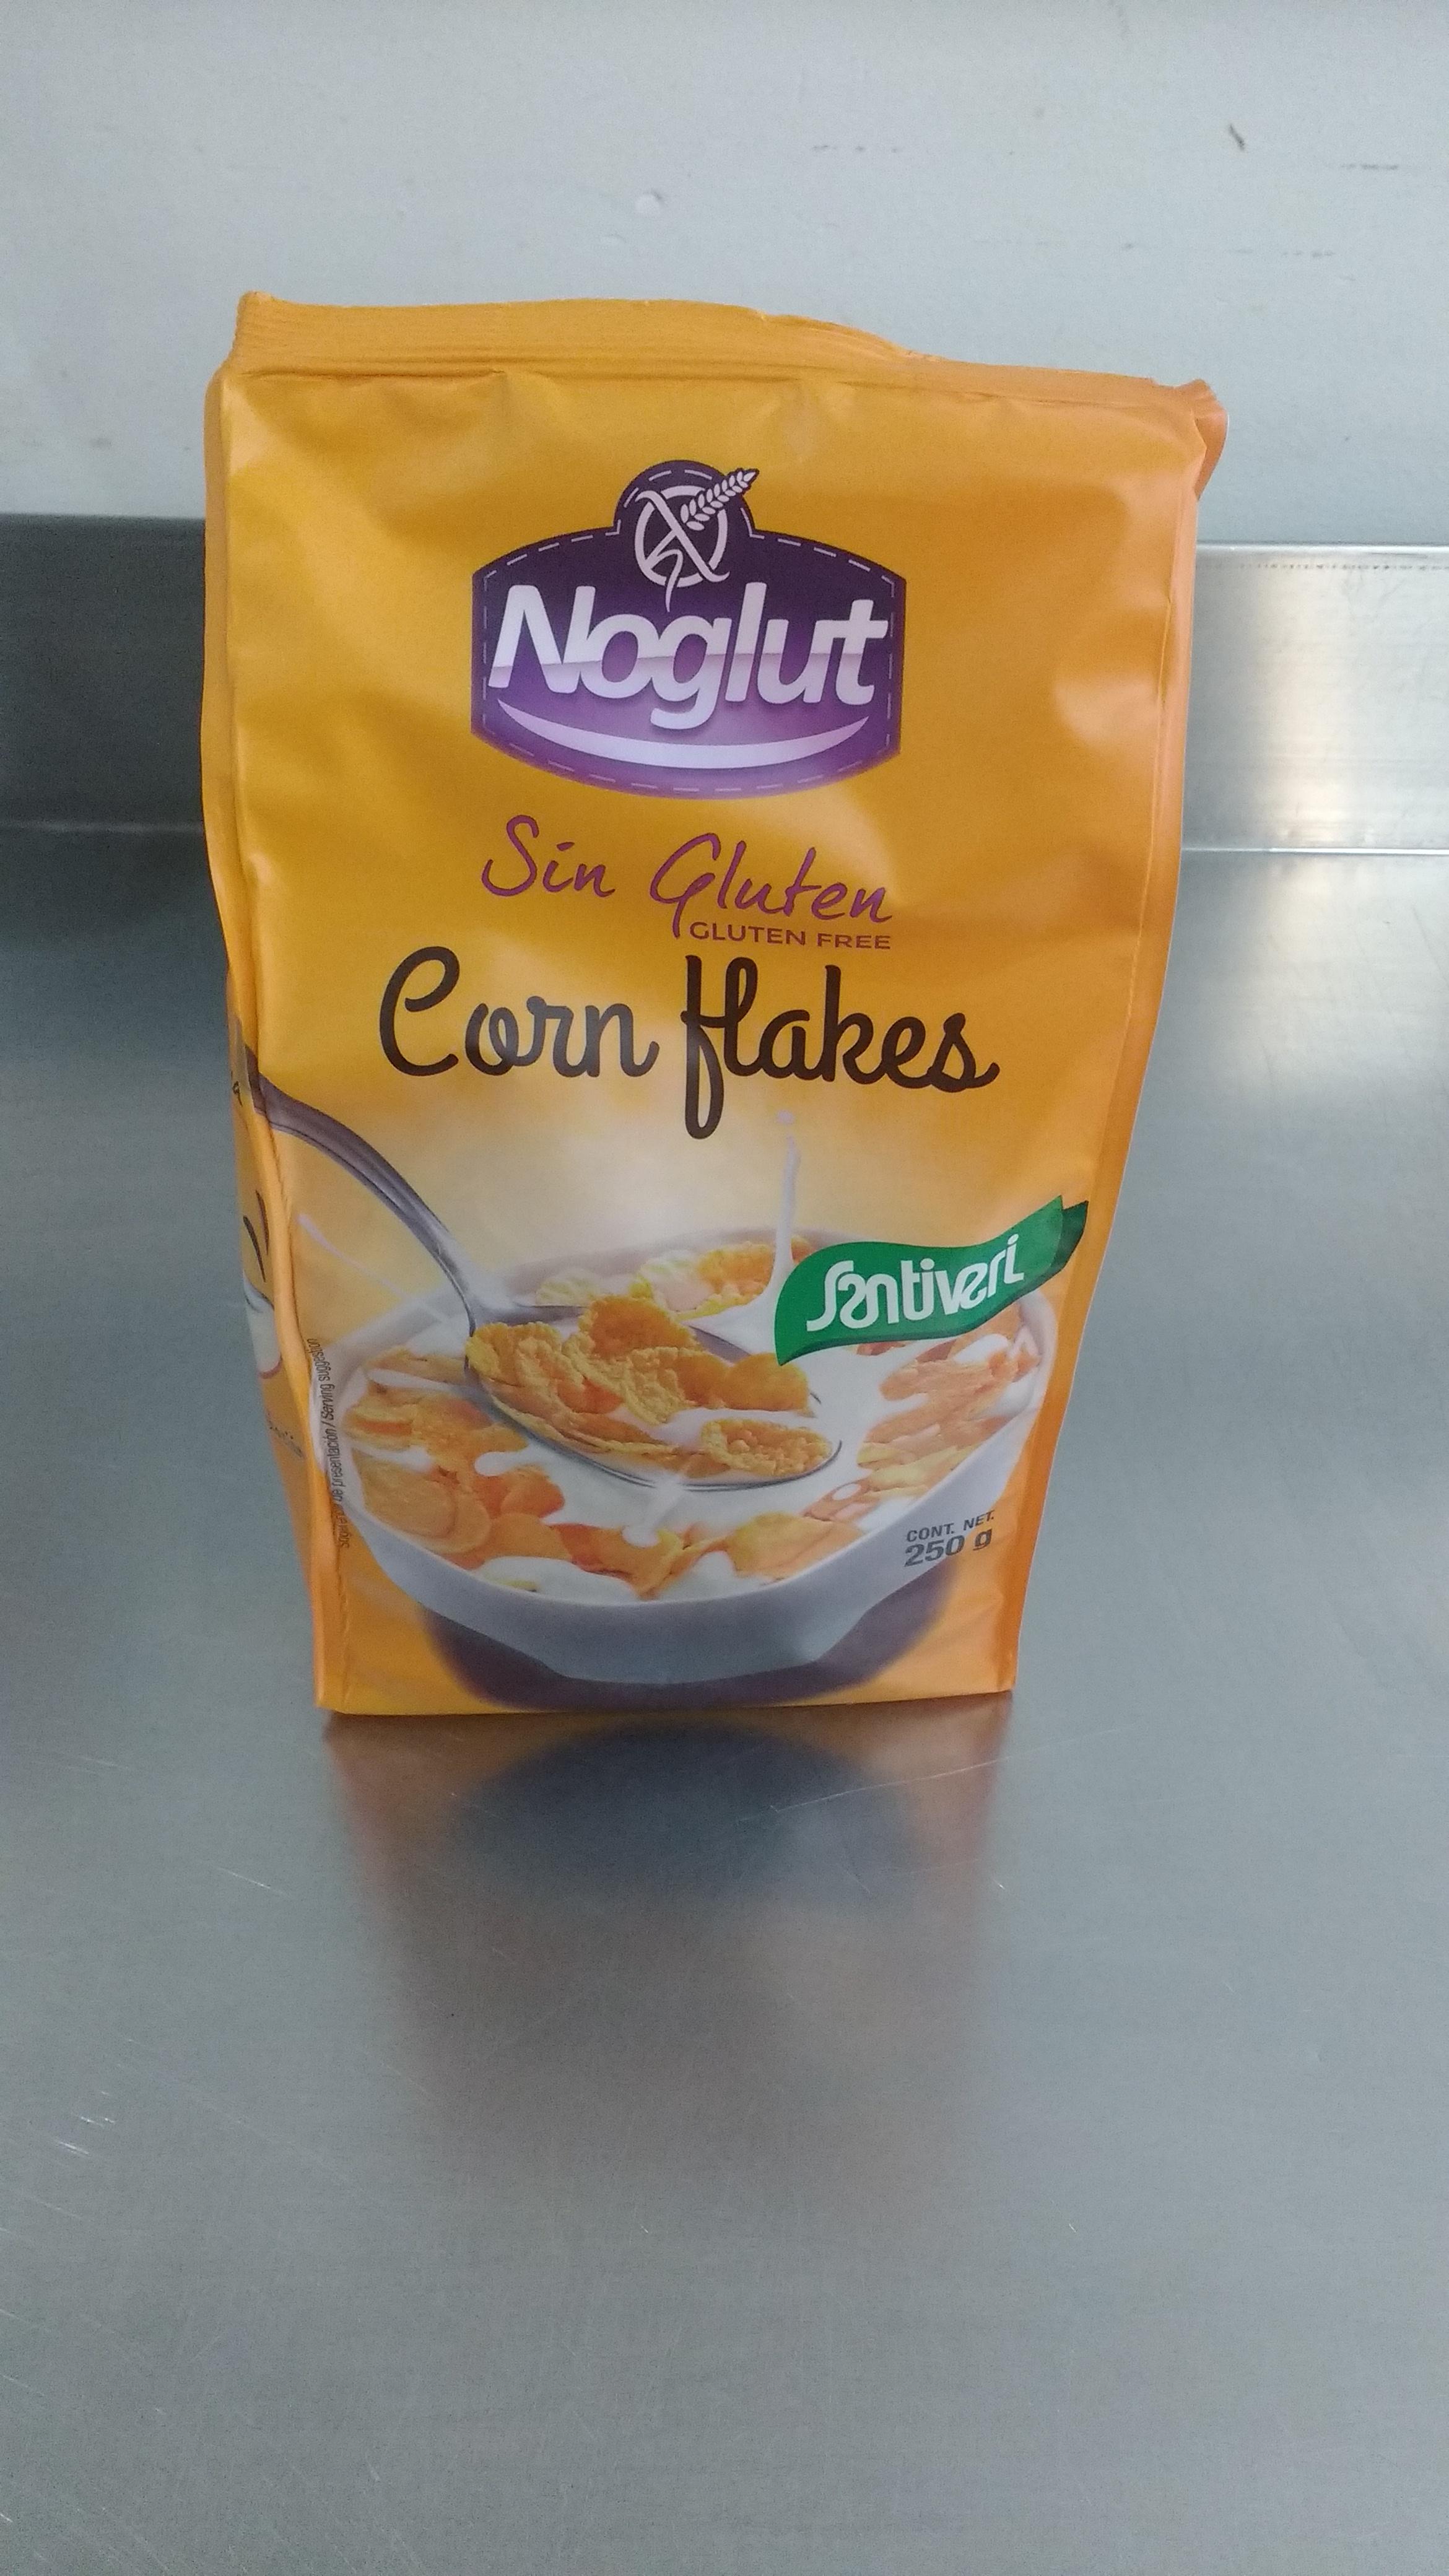 Nogluten Cornflakes